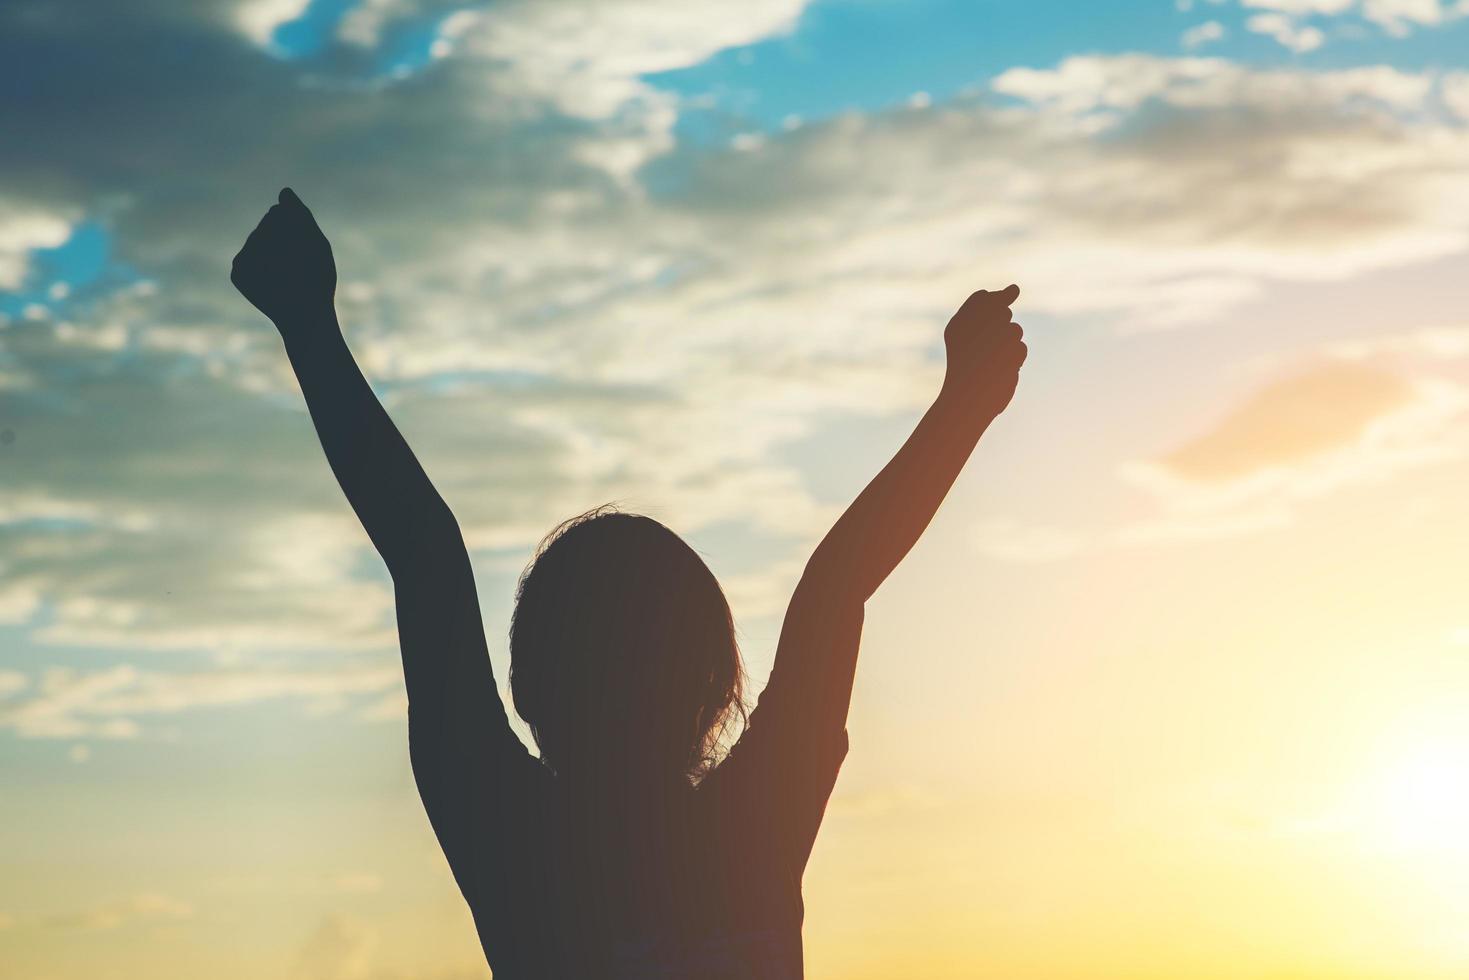 silhueta de uma menina levantando as mãos pela liberdade foto